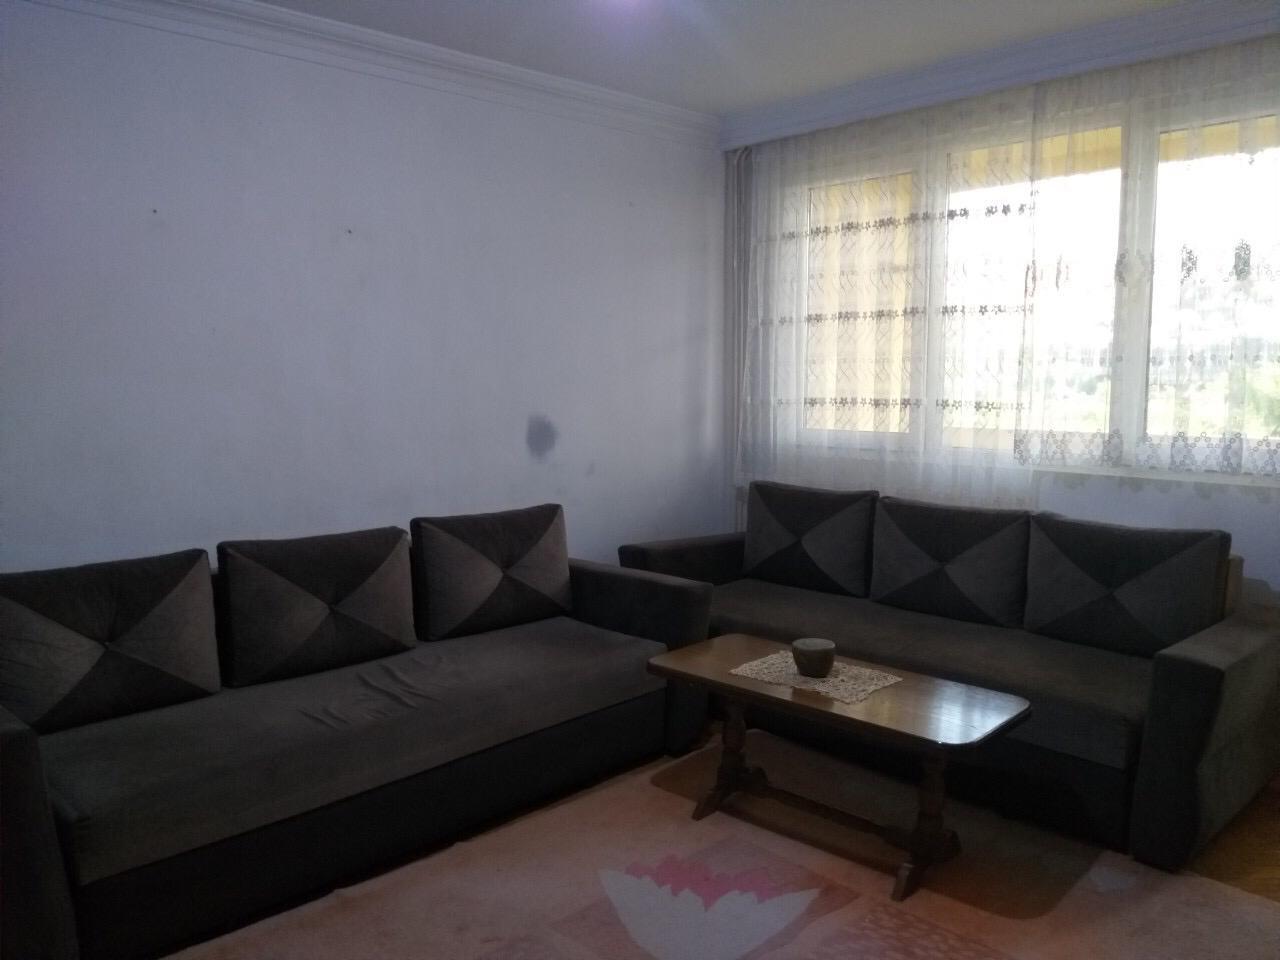 Ipet me qira banesa 2 dhomshe 60m2 kati 5 Qendër